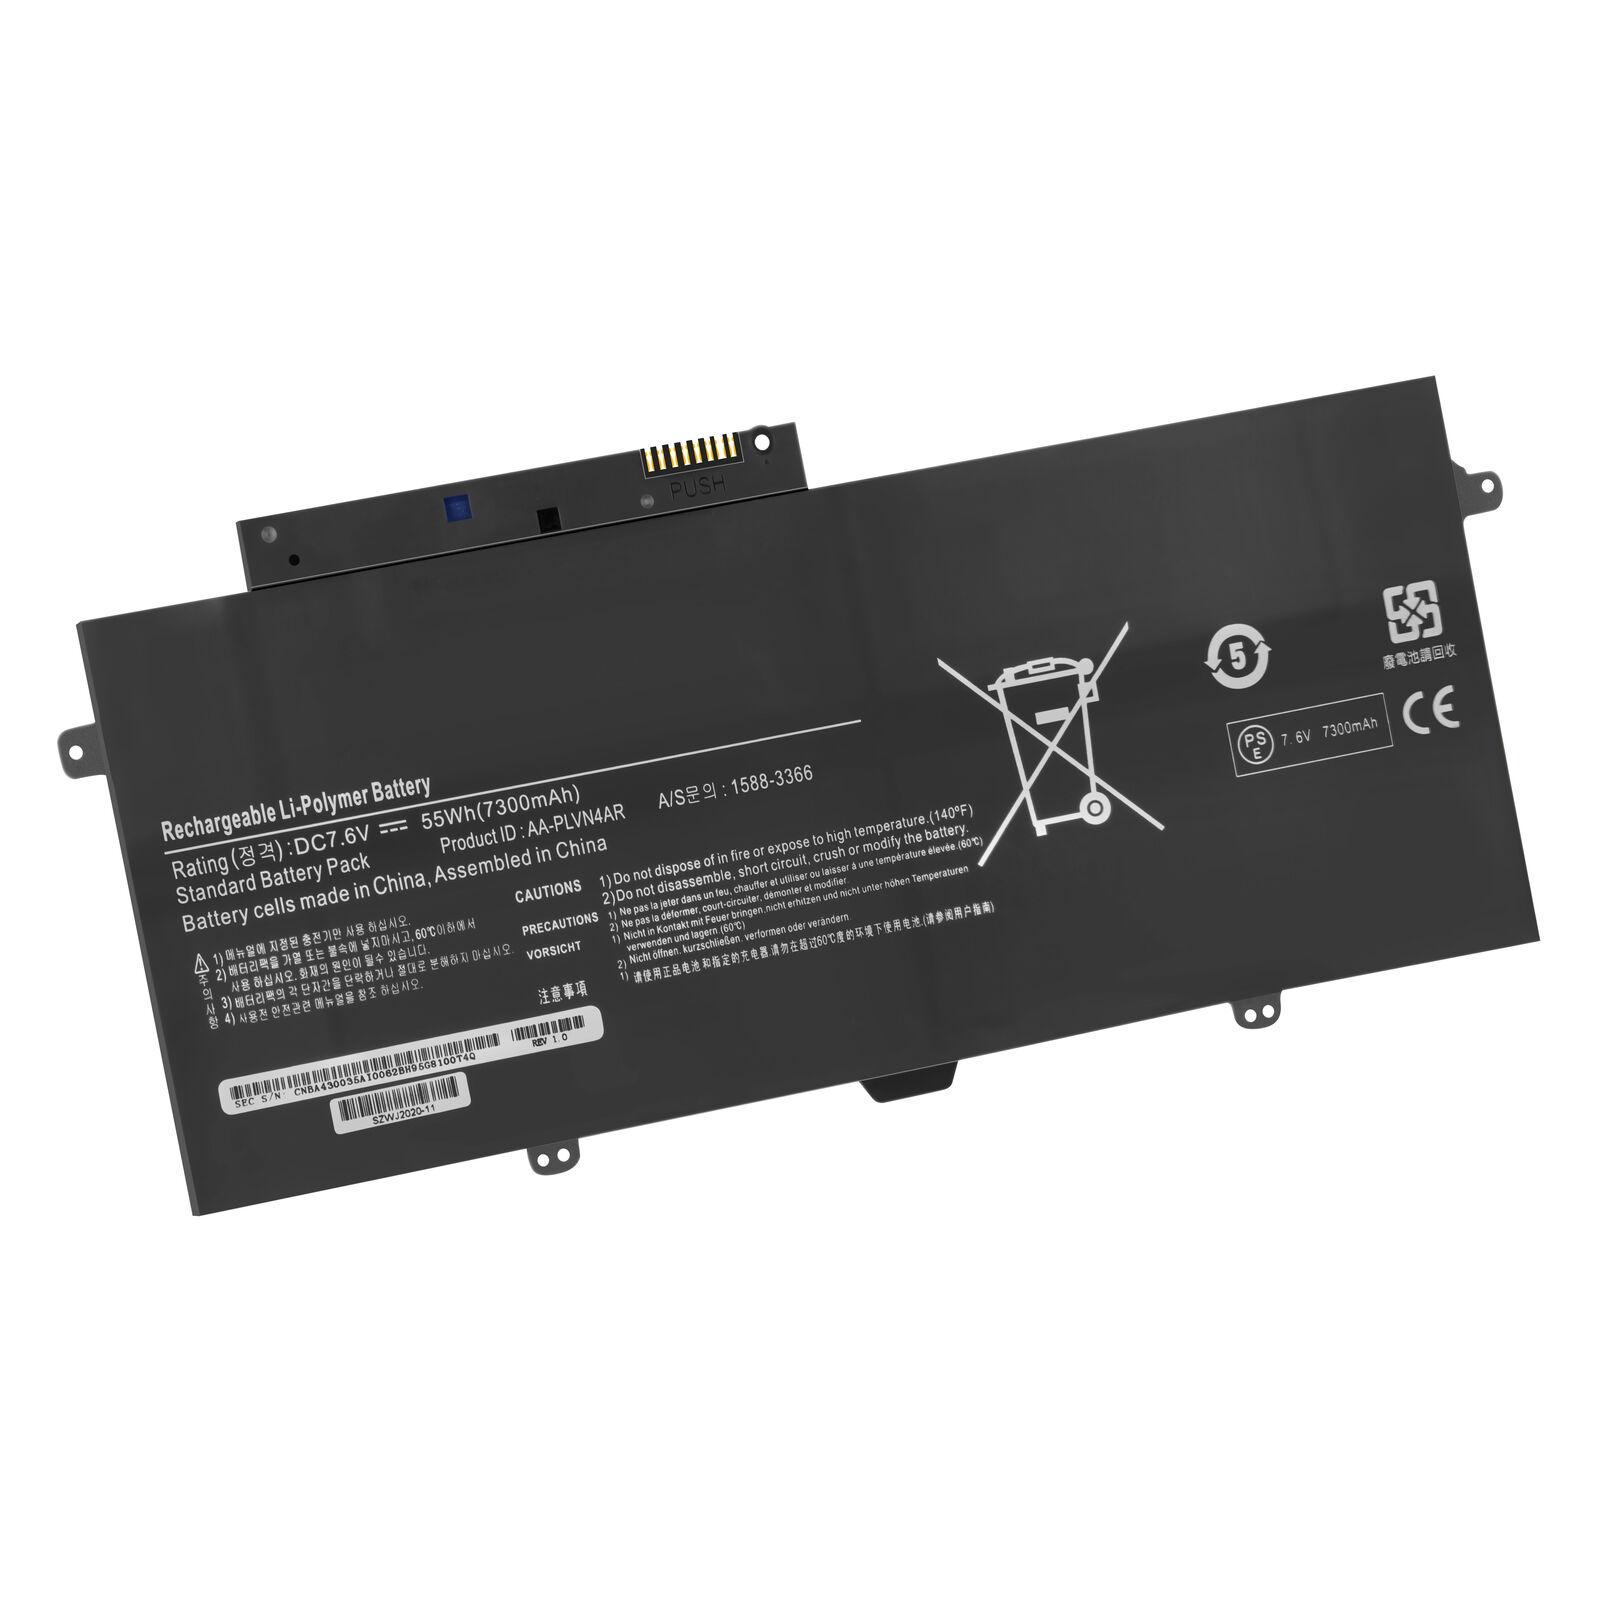 Batterie pour Samsung Ativ Book 9 Plus, NP940X3G-K01DE, NP940X3G-K01NL (compatible)